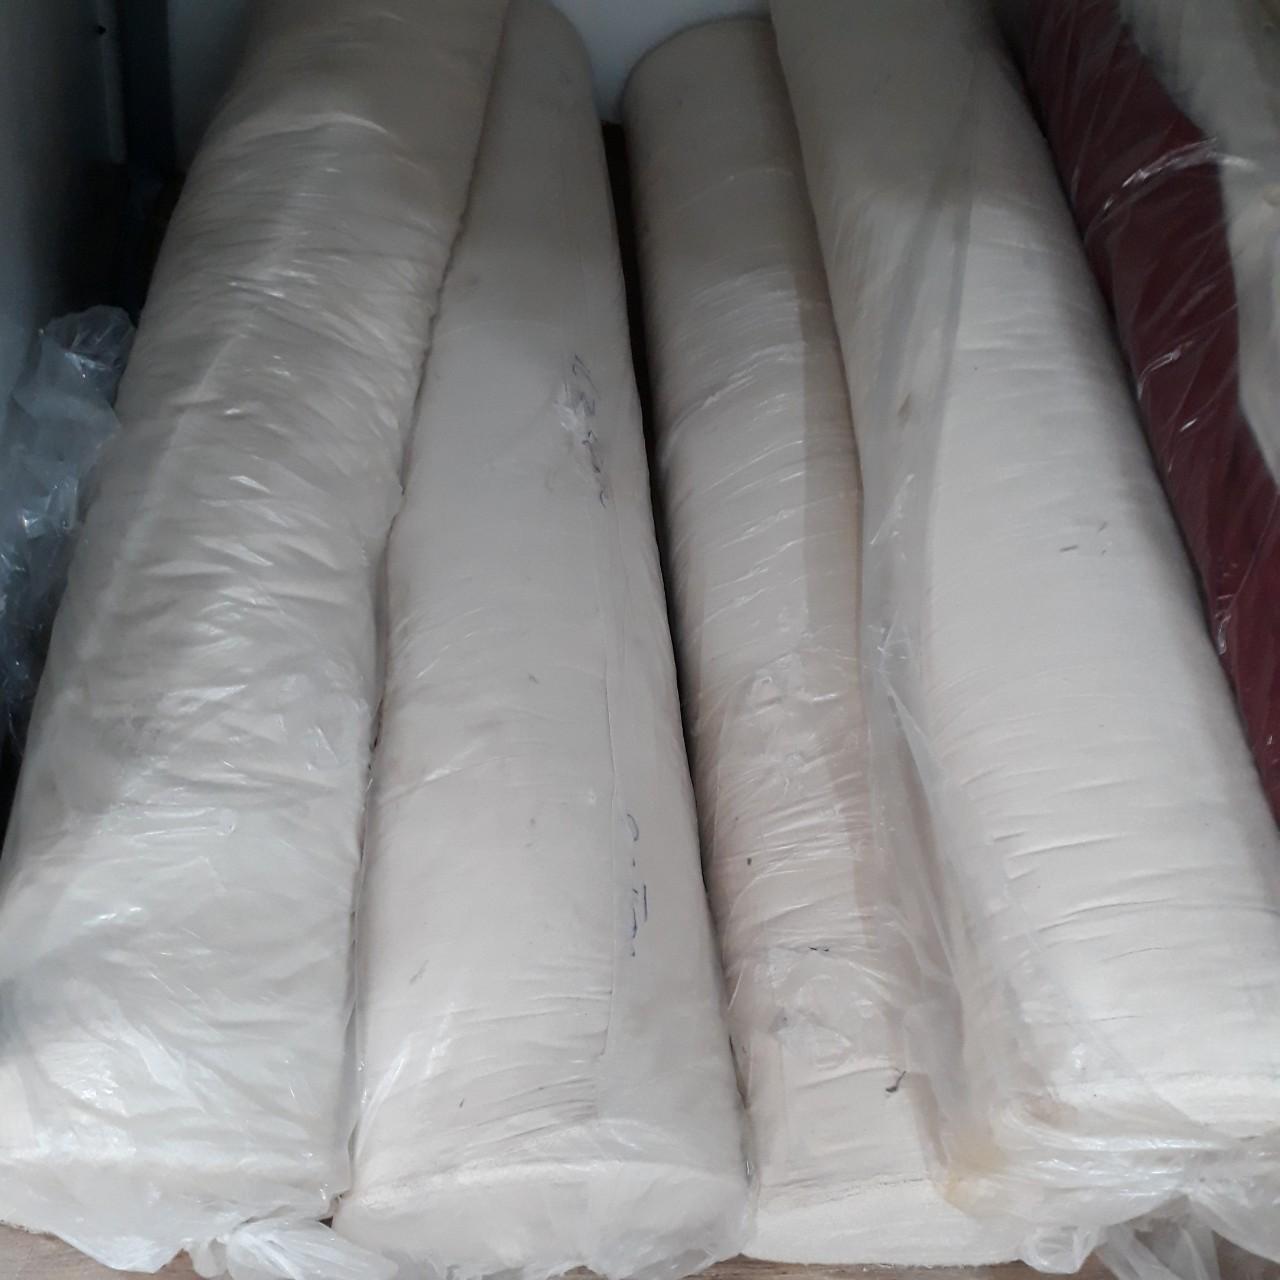 Vải Cotton Giá Rẻ Dùng Trong Thủ Công Mỹ Nghệ - May Mặc